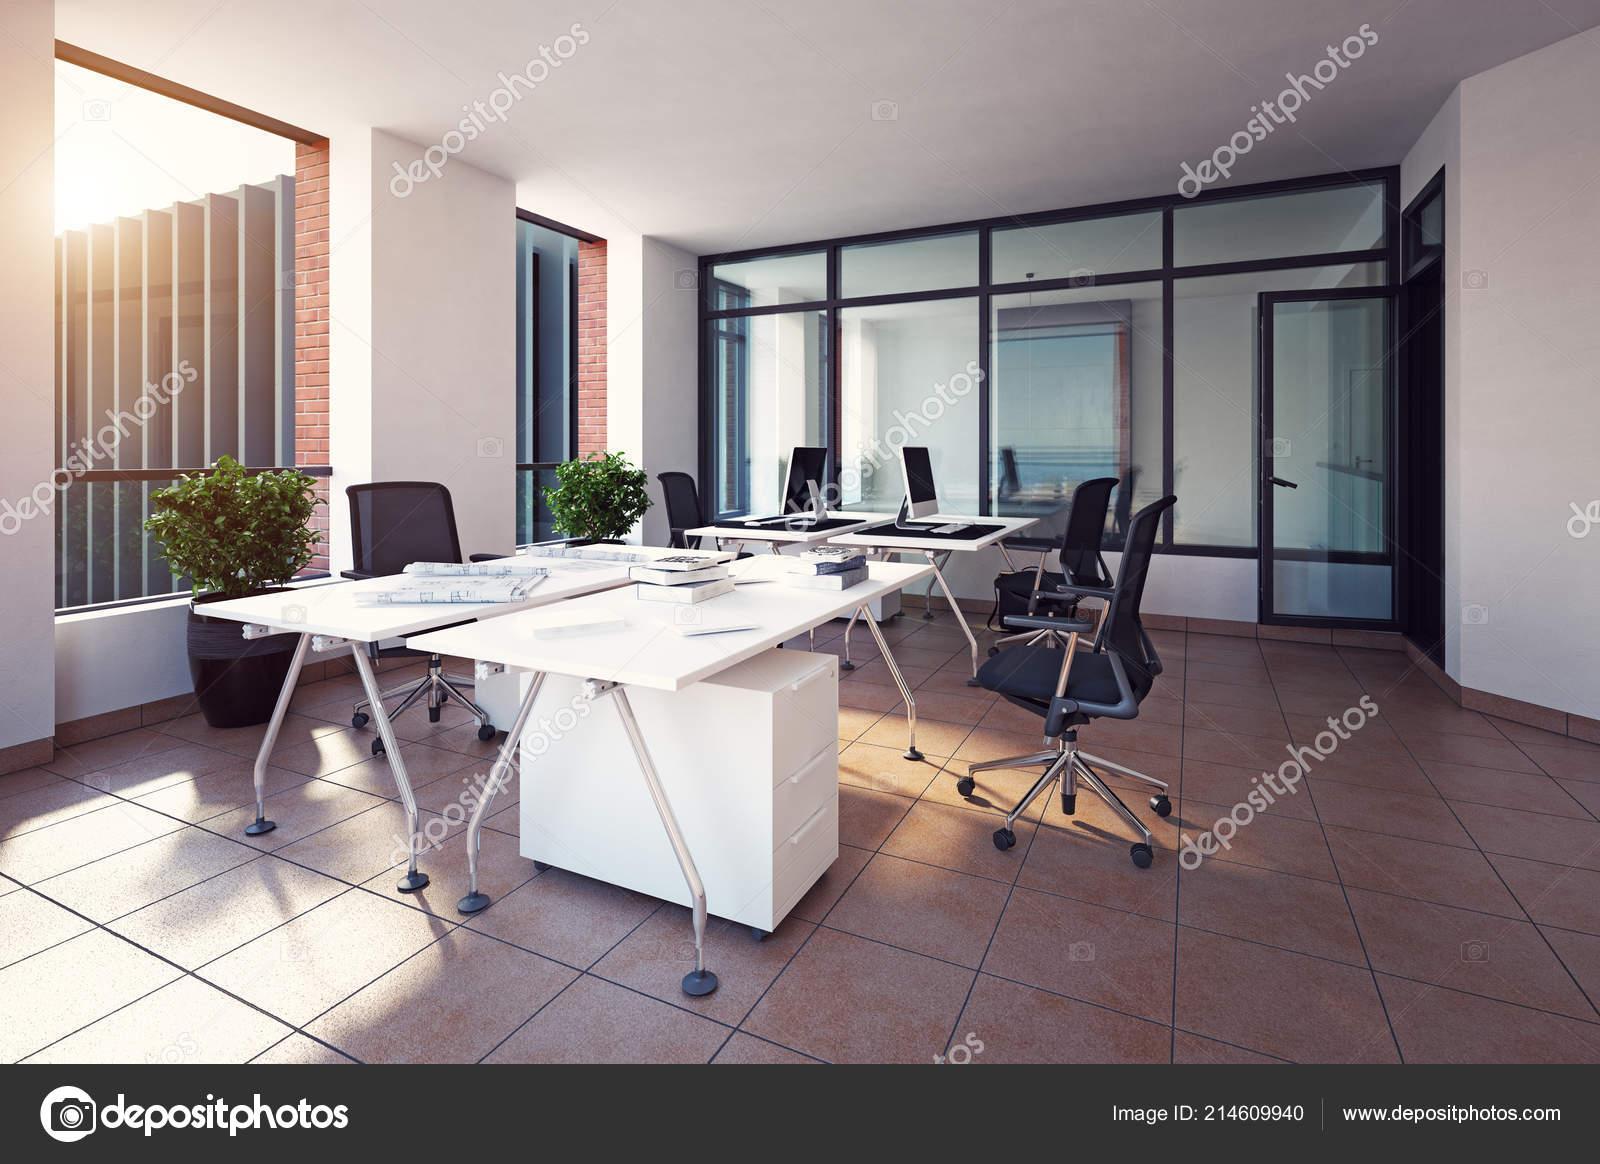 Diseño Interiores Oficinas Modernas Concepto Representación — Fotos ...